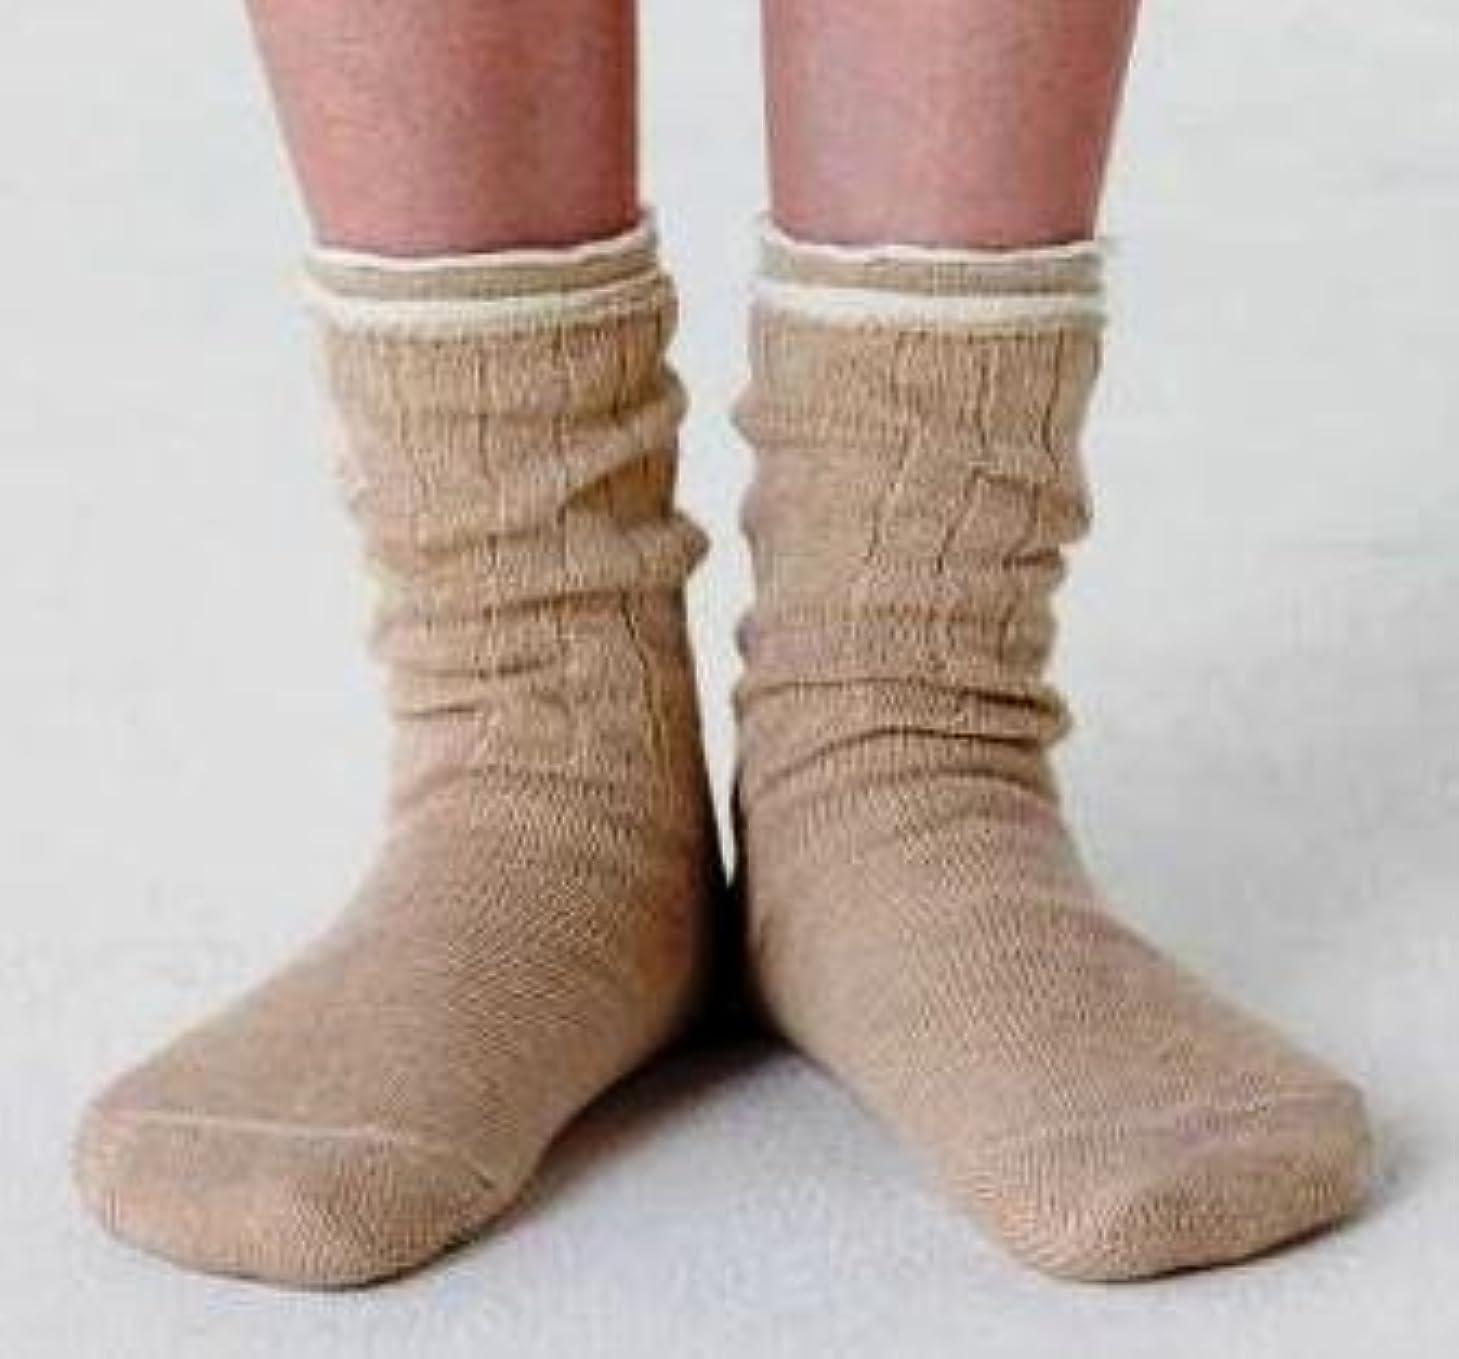 こどもセンターサージ鮮やかな冷え取り靴下 4枚重ね履きソックス(絹?綿?絹?綿) サイズ:22~24.5cm